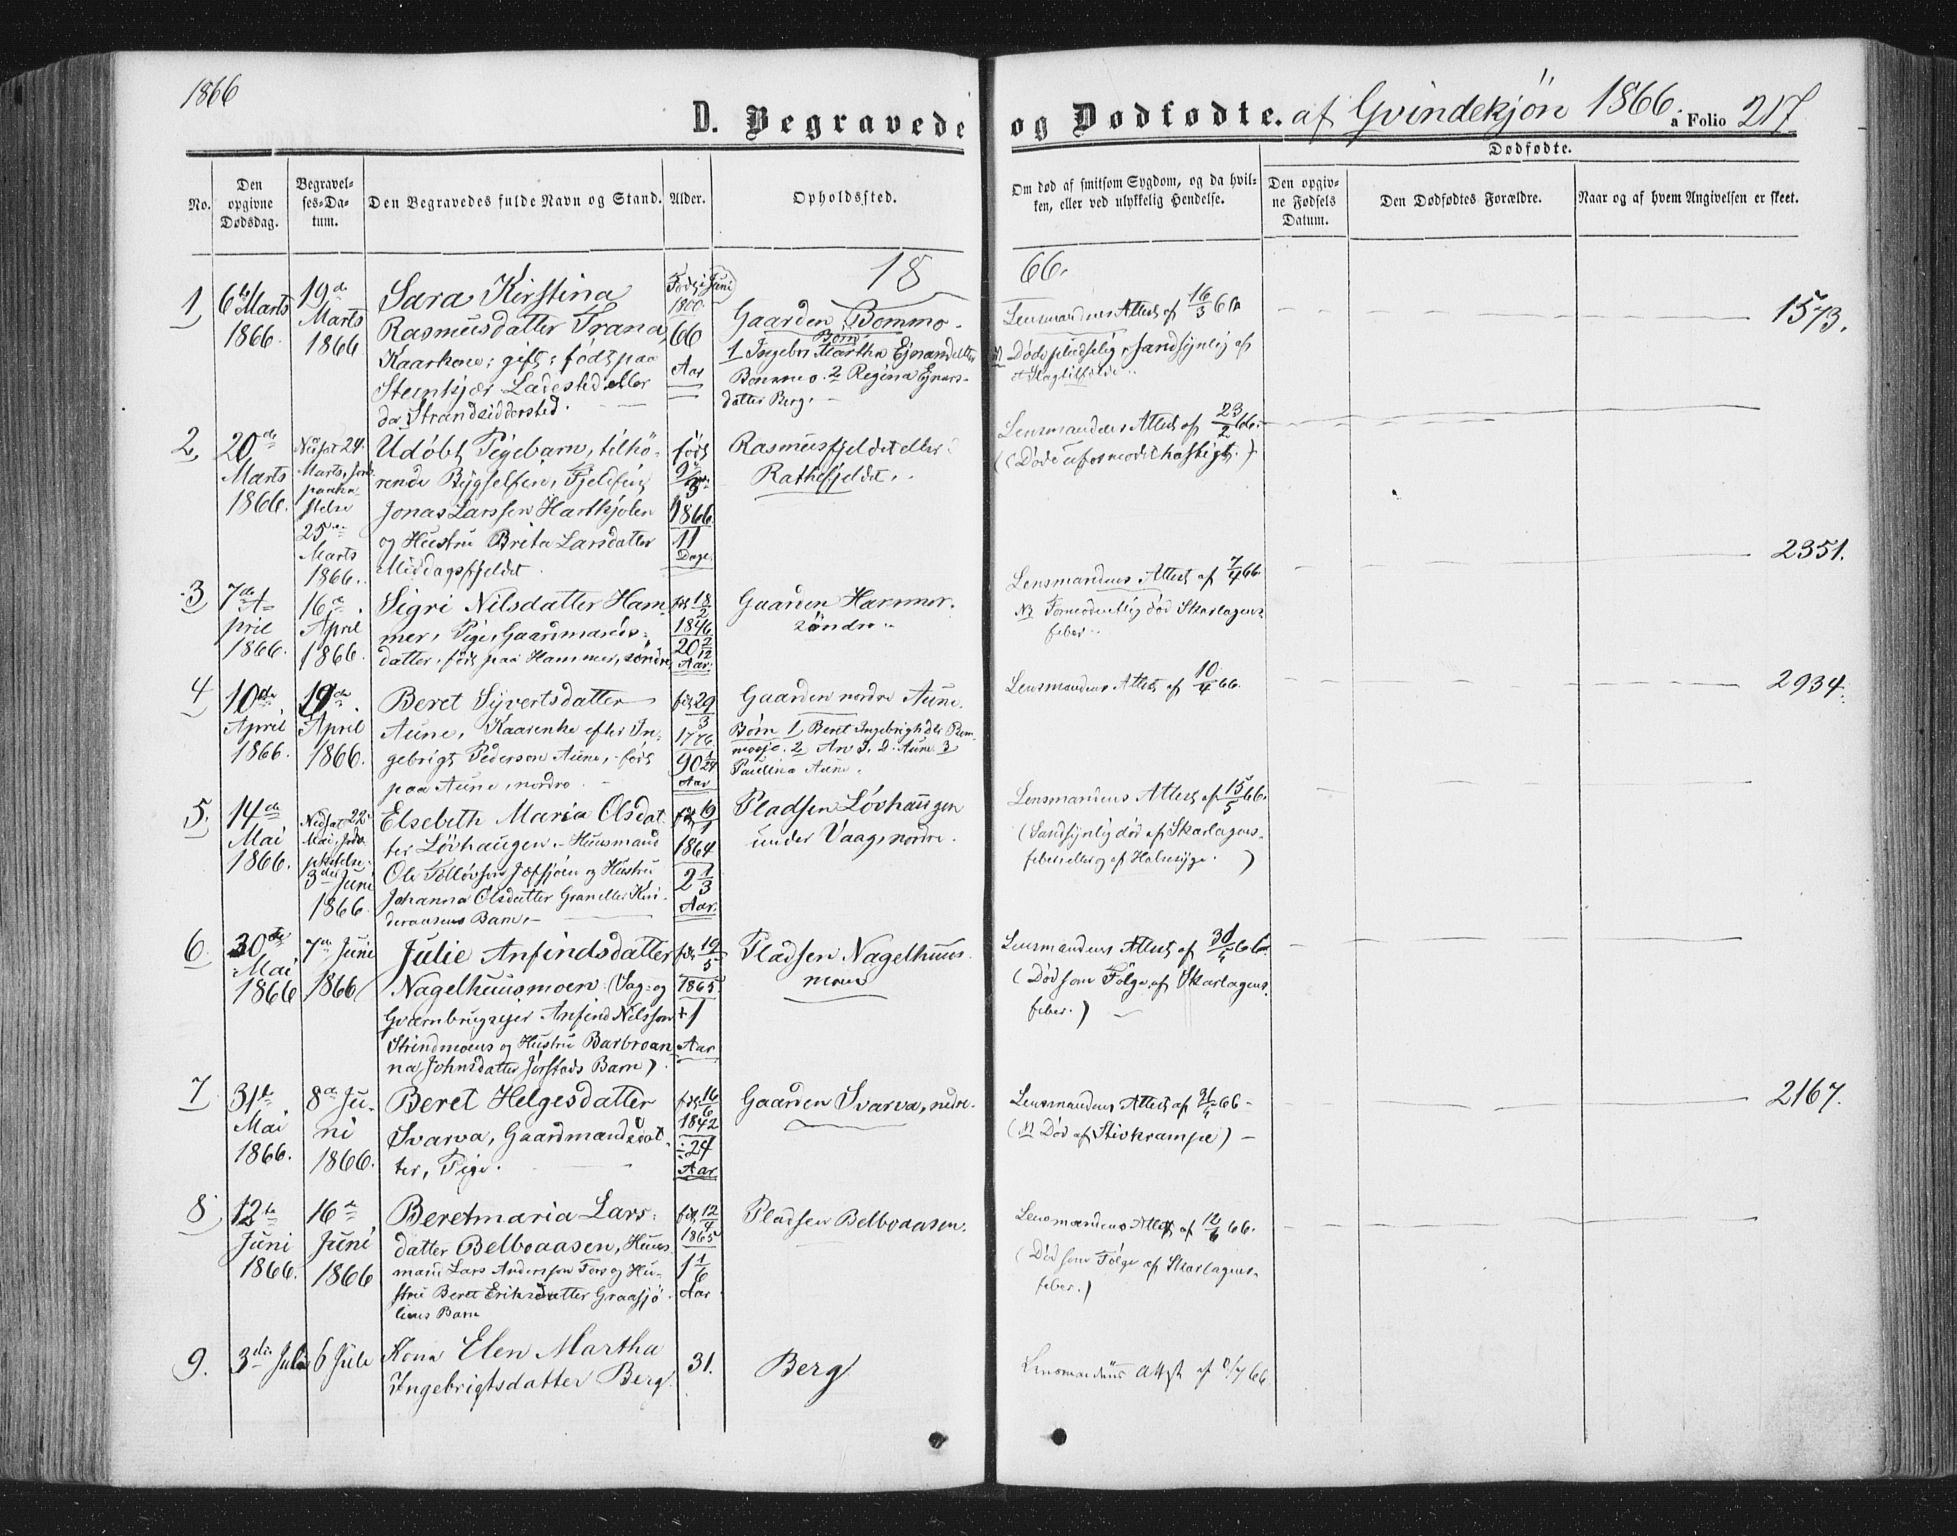 SAT, Ministerialprotokoller, klokkerbøker og fødselsregistre - Nord-Trøndelag, 749/L0472: Ministerialbok nr. 749A06, 1857-1873, s. 217